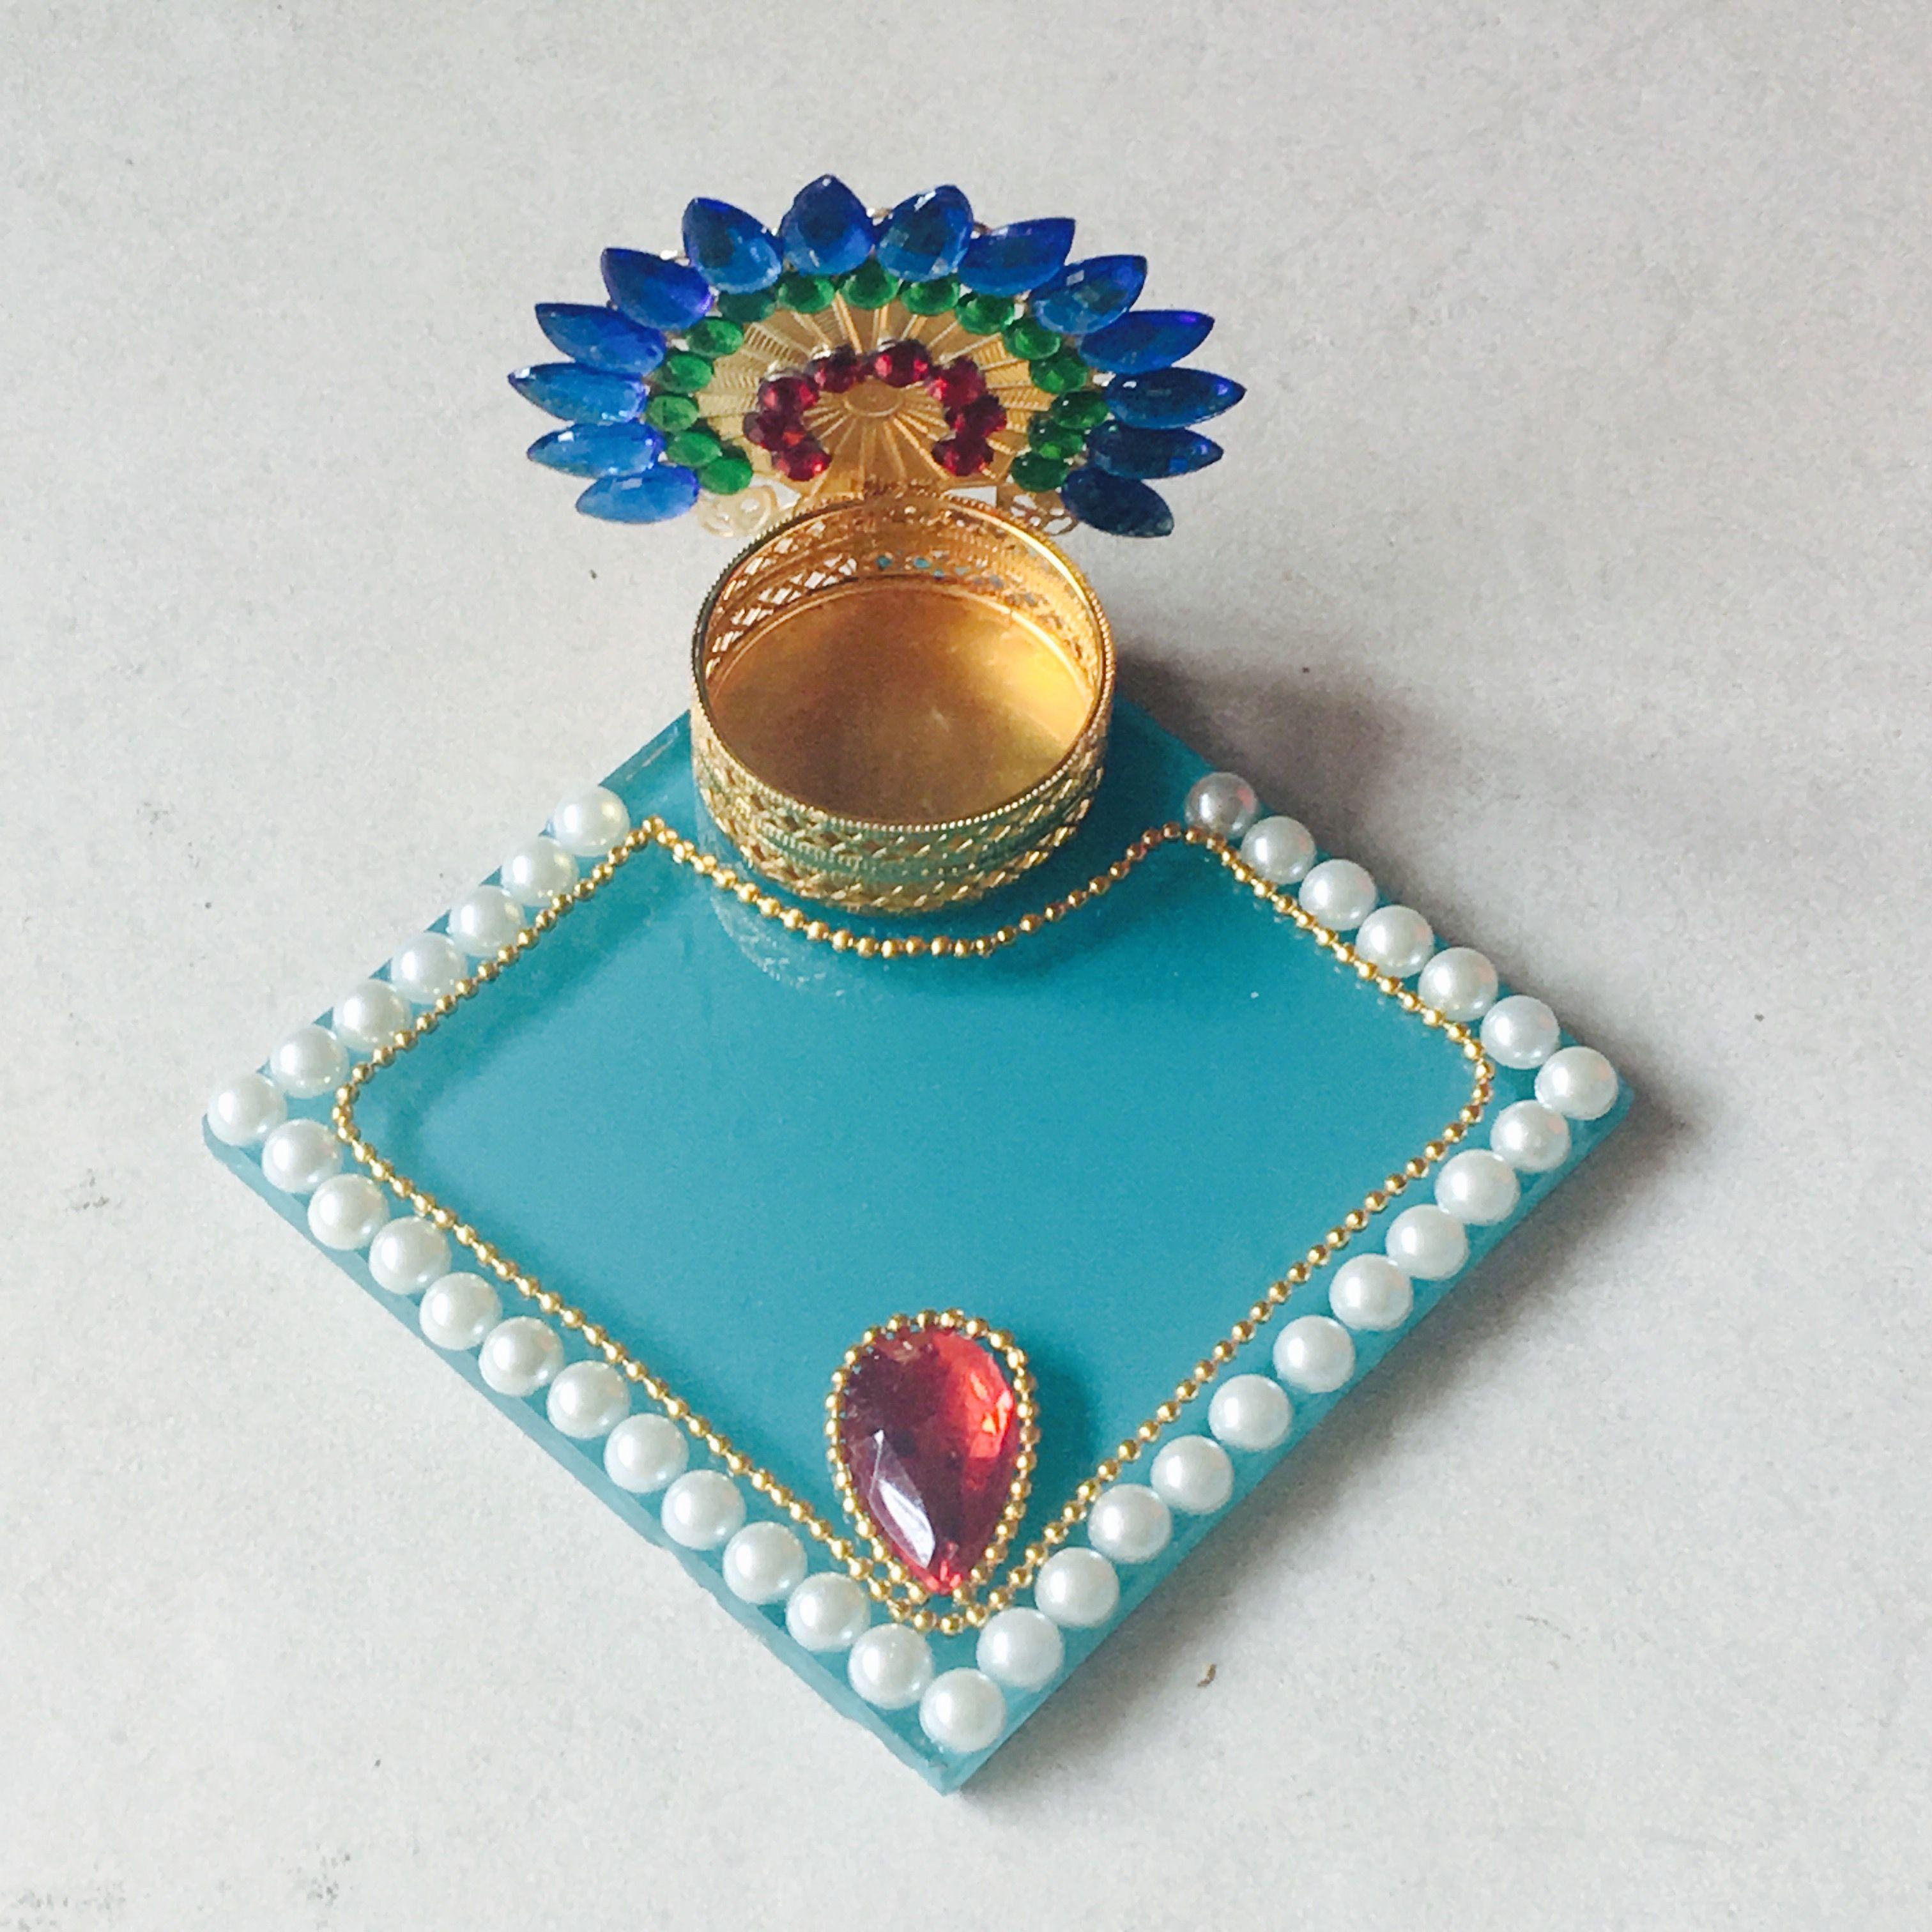 Ideas For Diwali Diys Diwali Craft Diwali Diy Diya Decoration